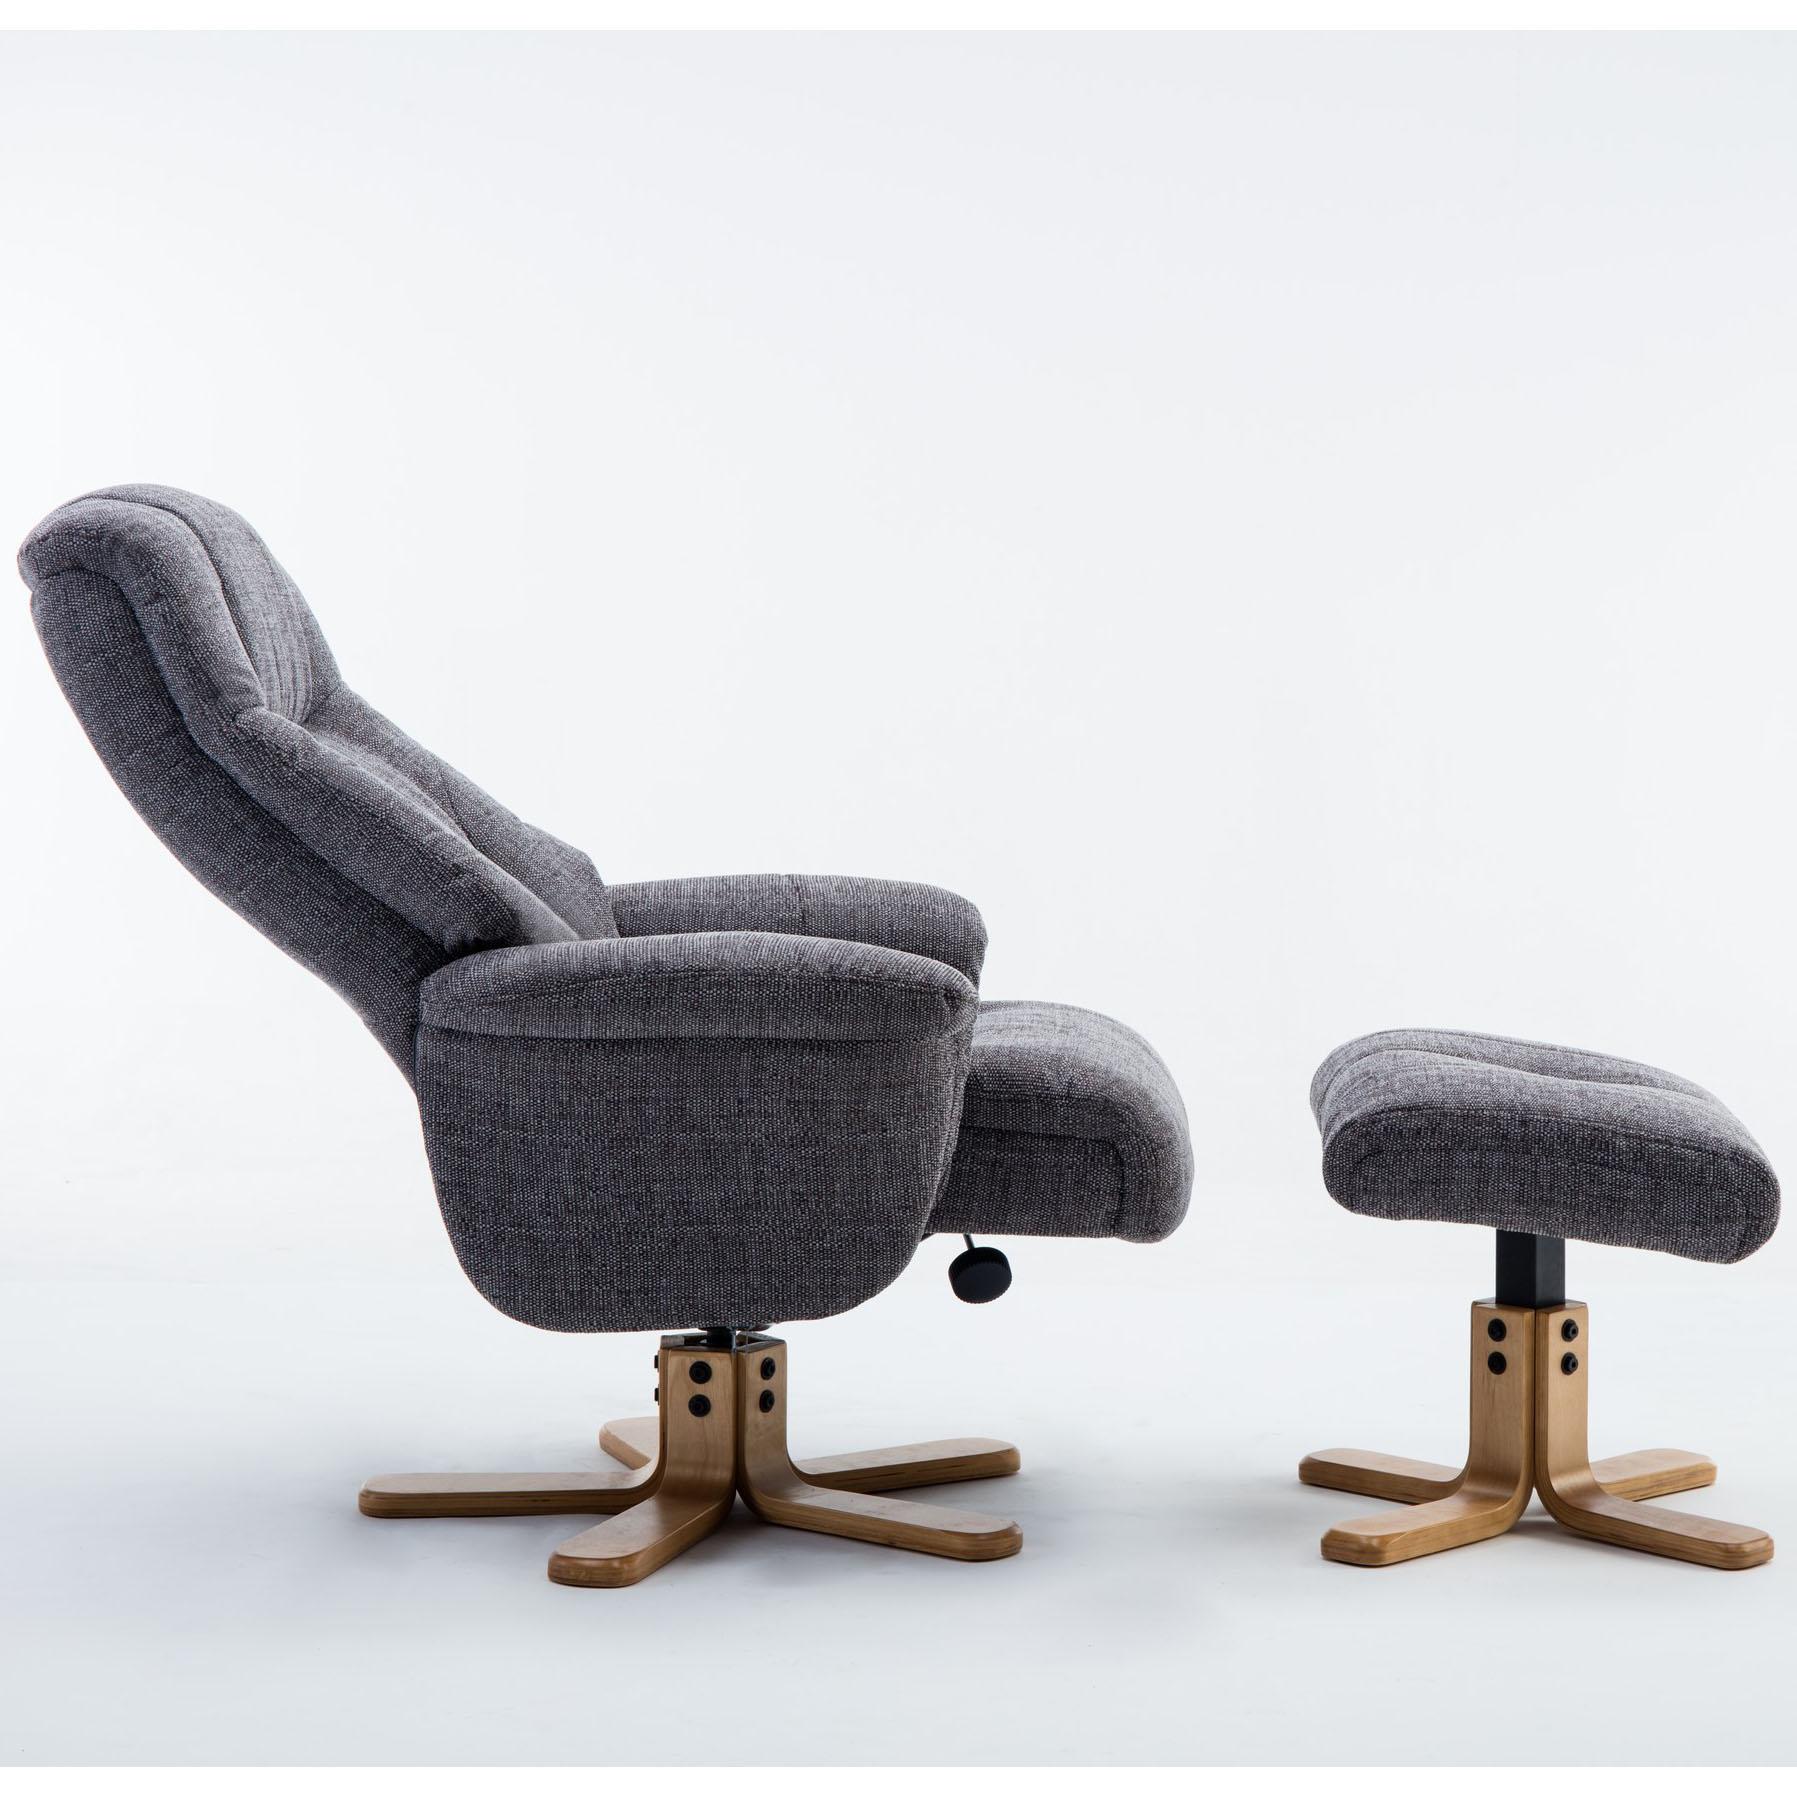 Dublin Chair & Stool Lisbon Grey Fabric